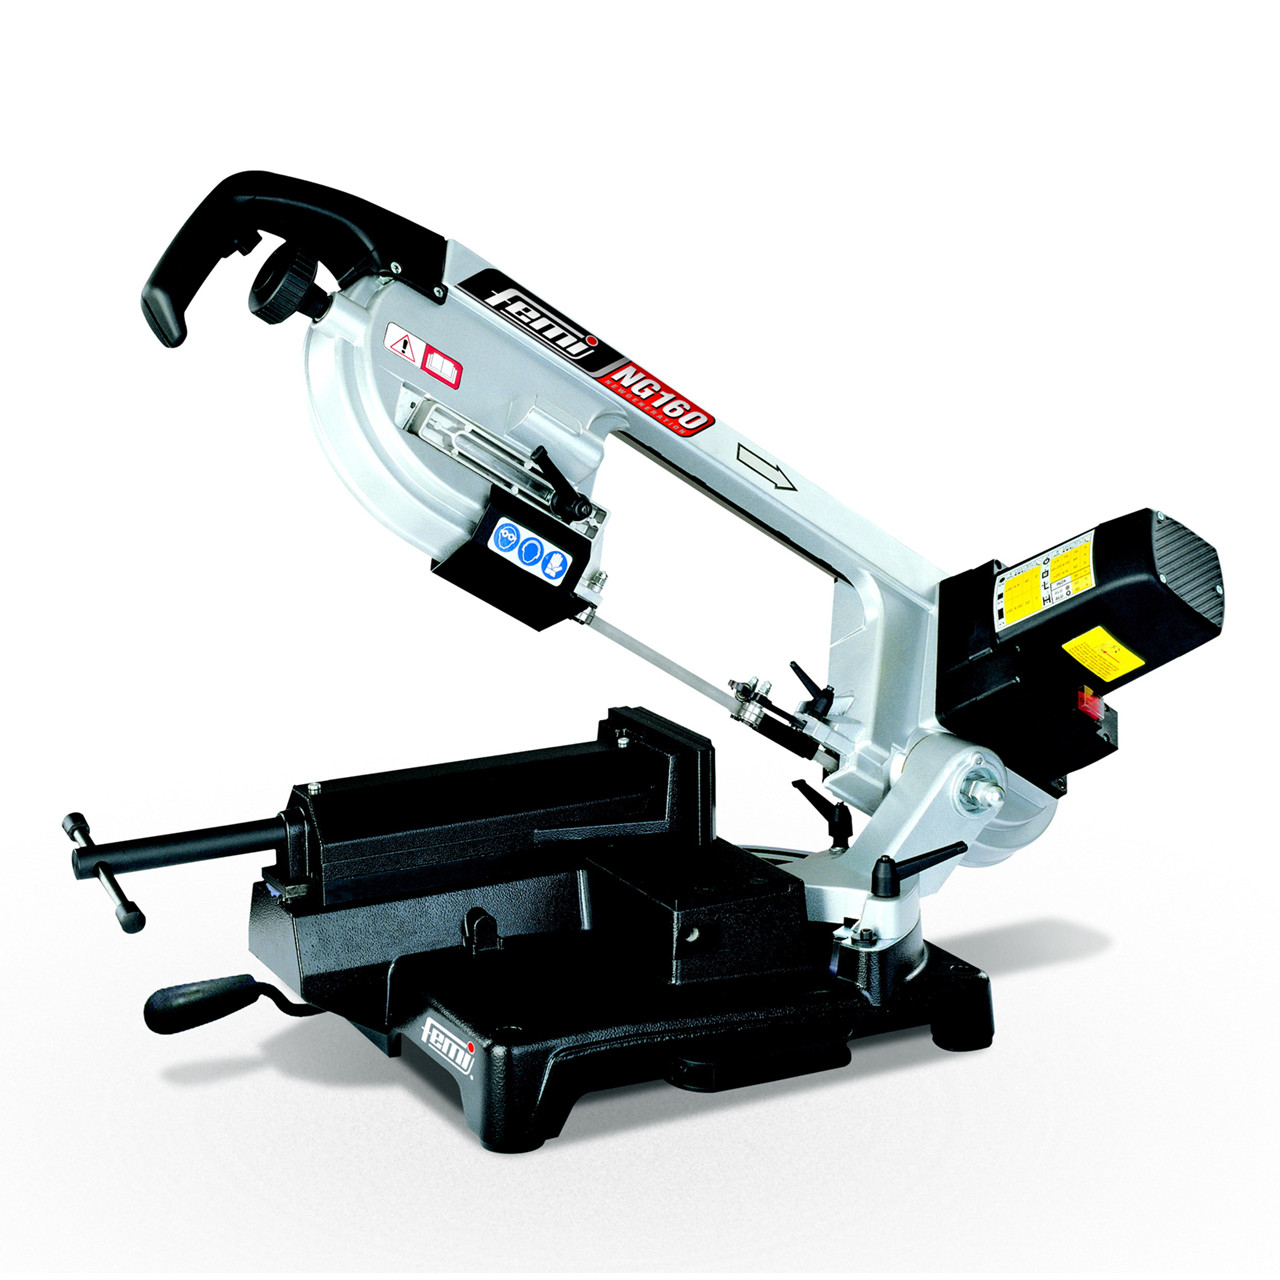 FEMI Båndsav NG160 2000W - Værktøj -> El-værktøj -> 230V maskiner -> Stationære maskiner Værktøj -> El-værktøj -> 230V maskiner -> Diverse Værktøj -> El-værktøj -> 230V maskiner Værktøj -> El-værktøj Mærker -> FEMI maskiner